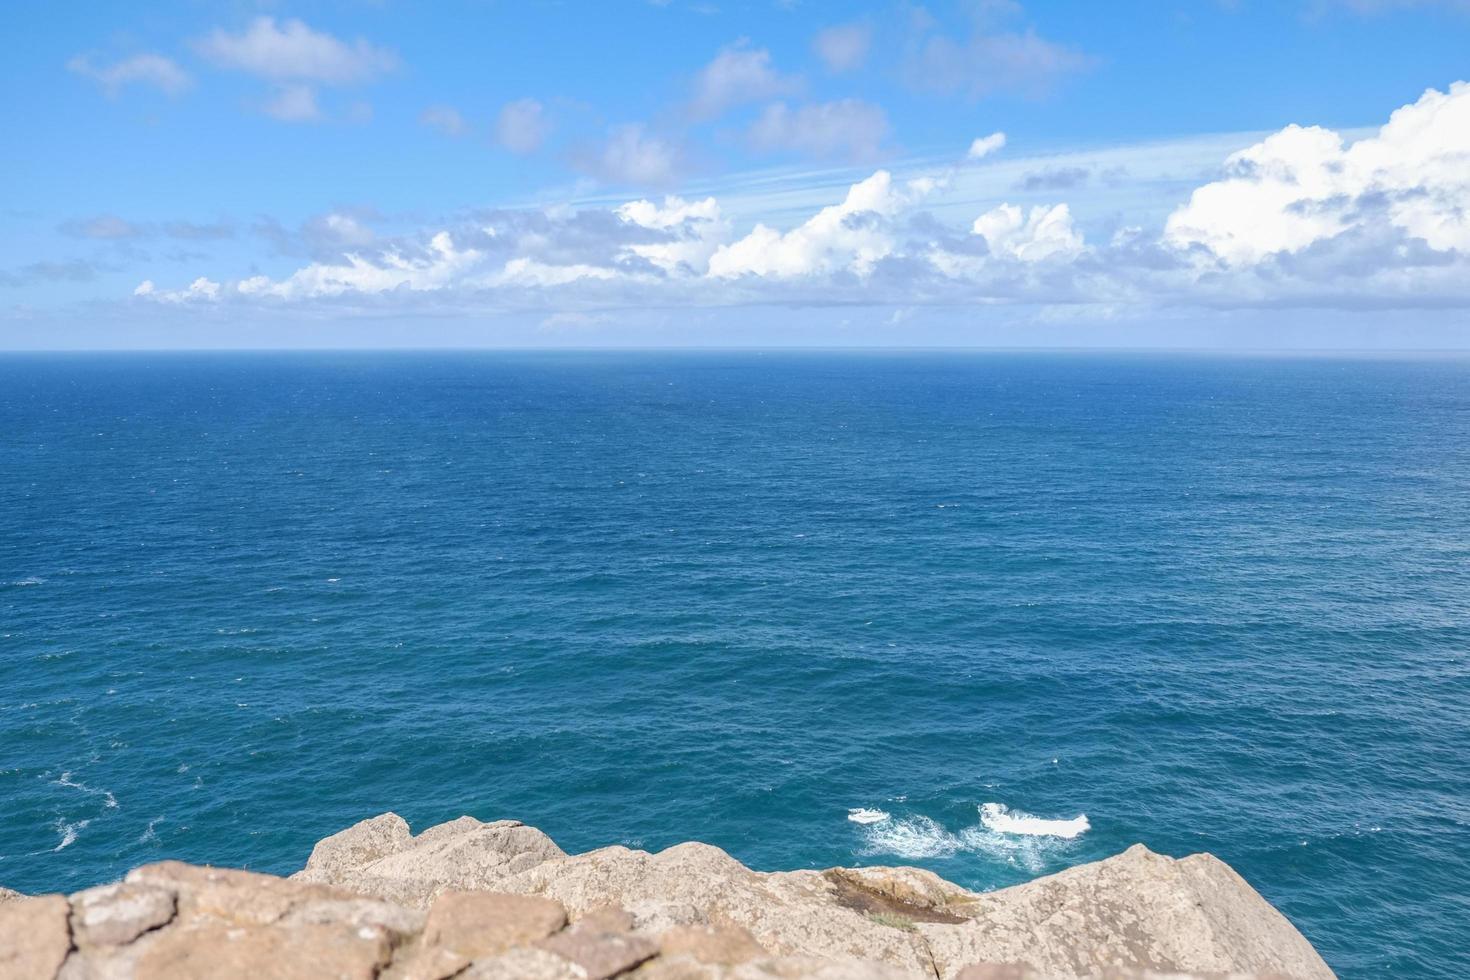 vista de agua azul y cielo foto